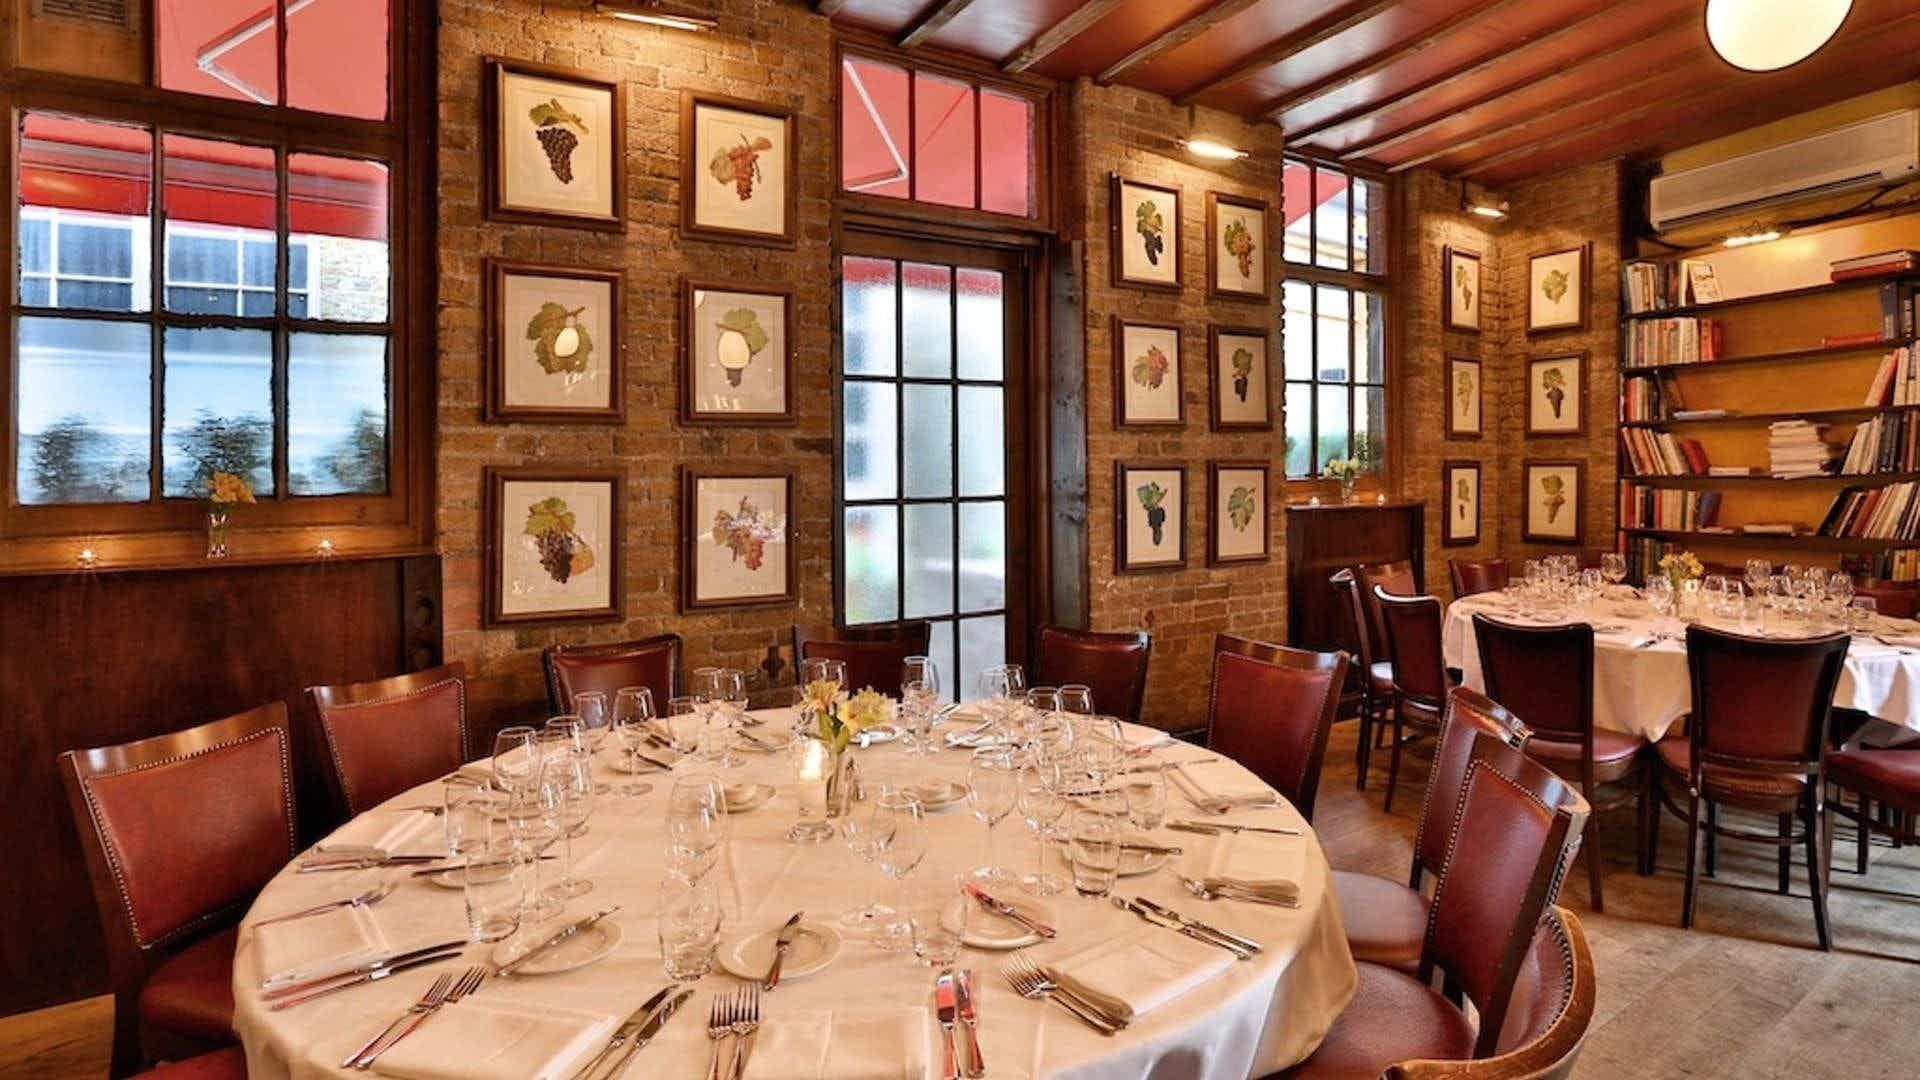 Terrace Room, Bleeding Heart Restaurant